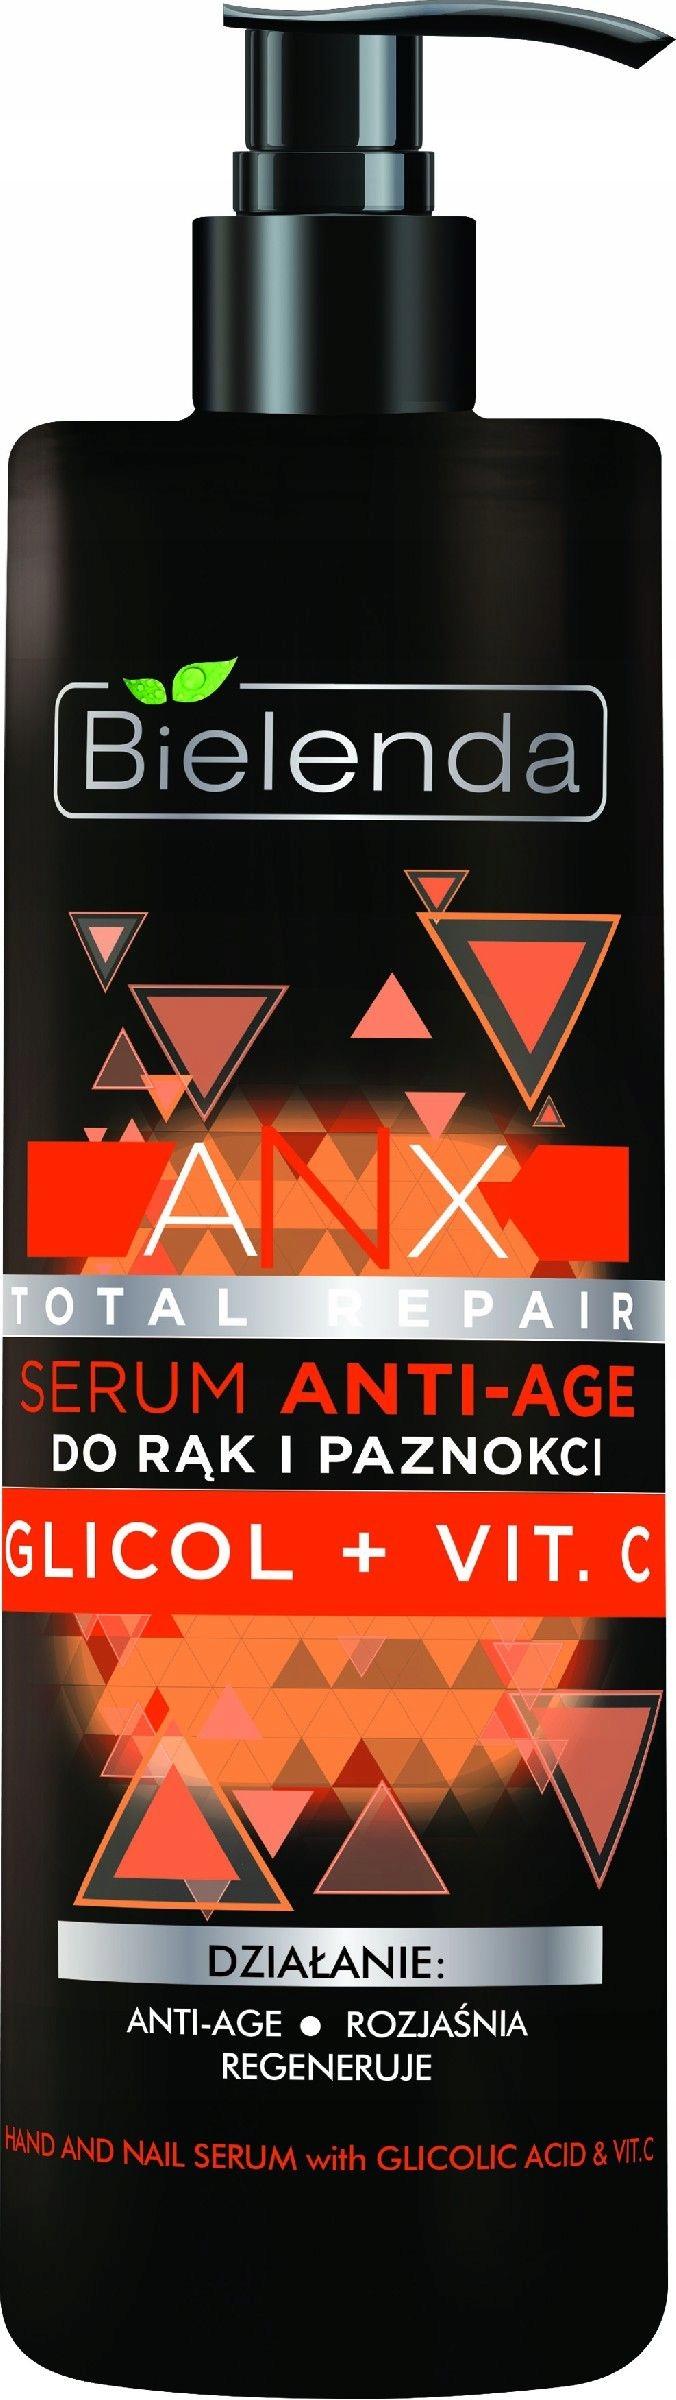 Bielenda ANX Total Repair Serum do rąk i paznokci